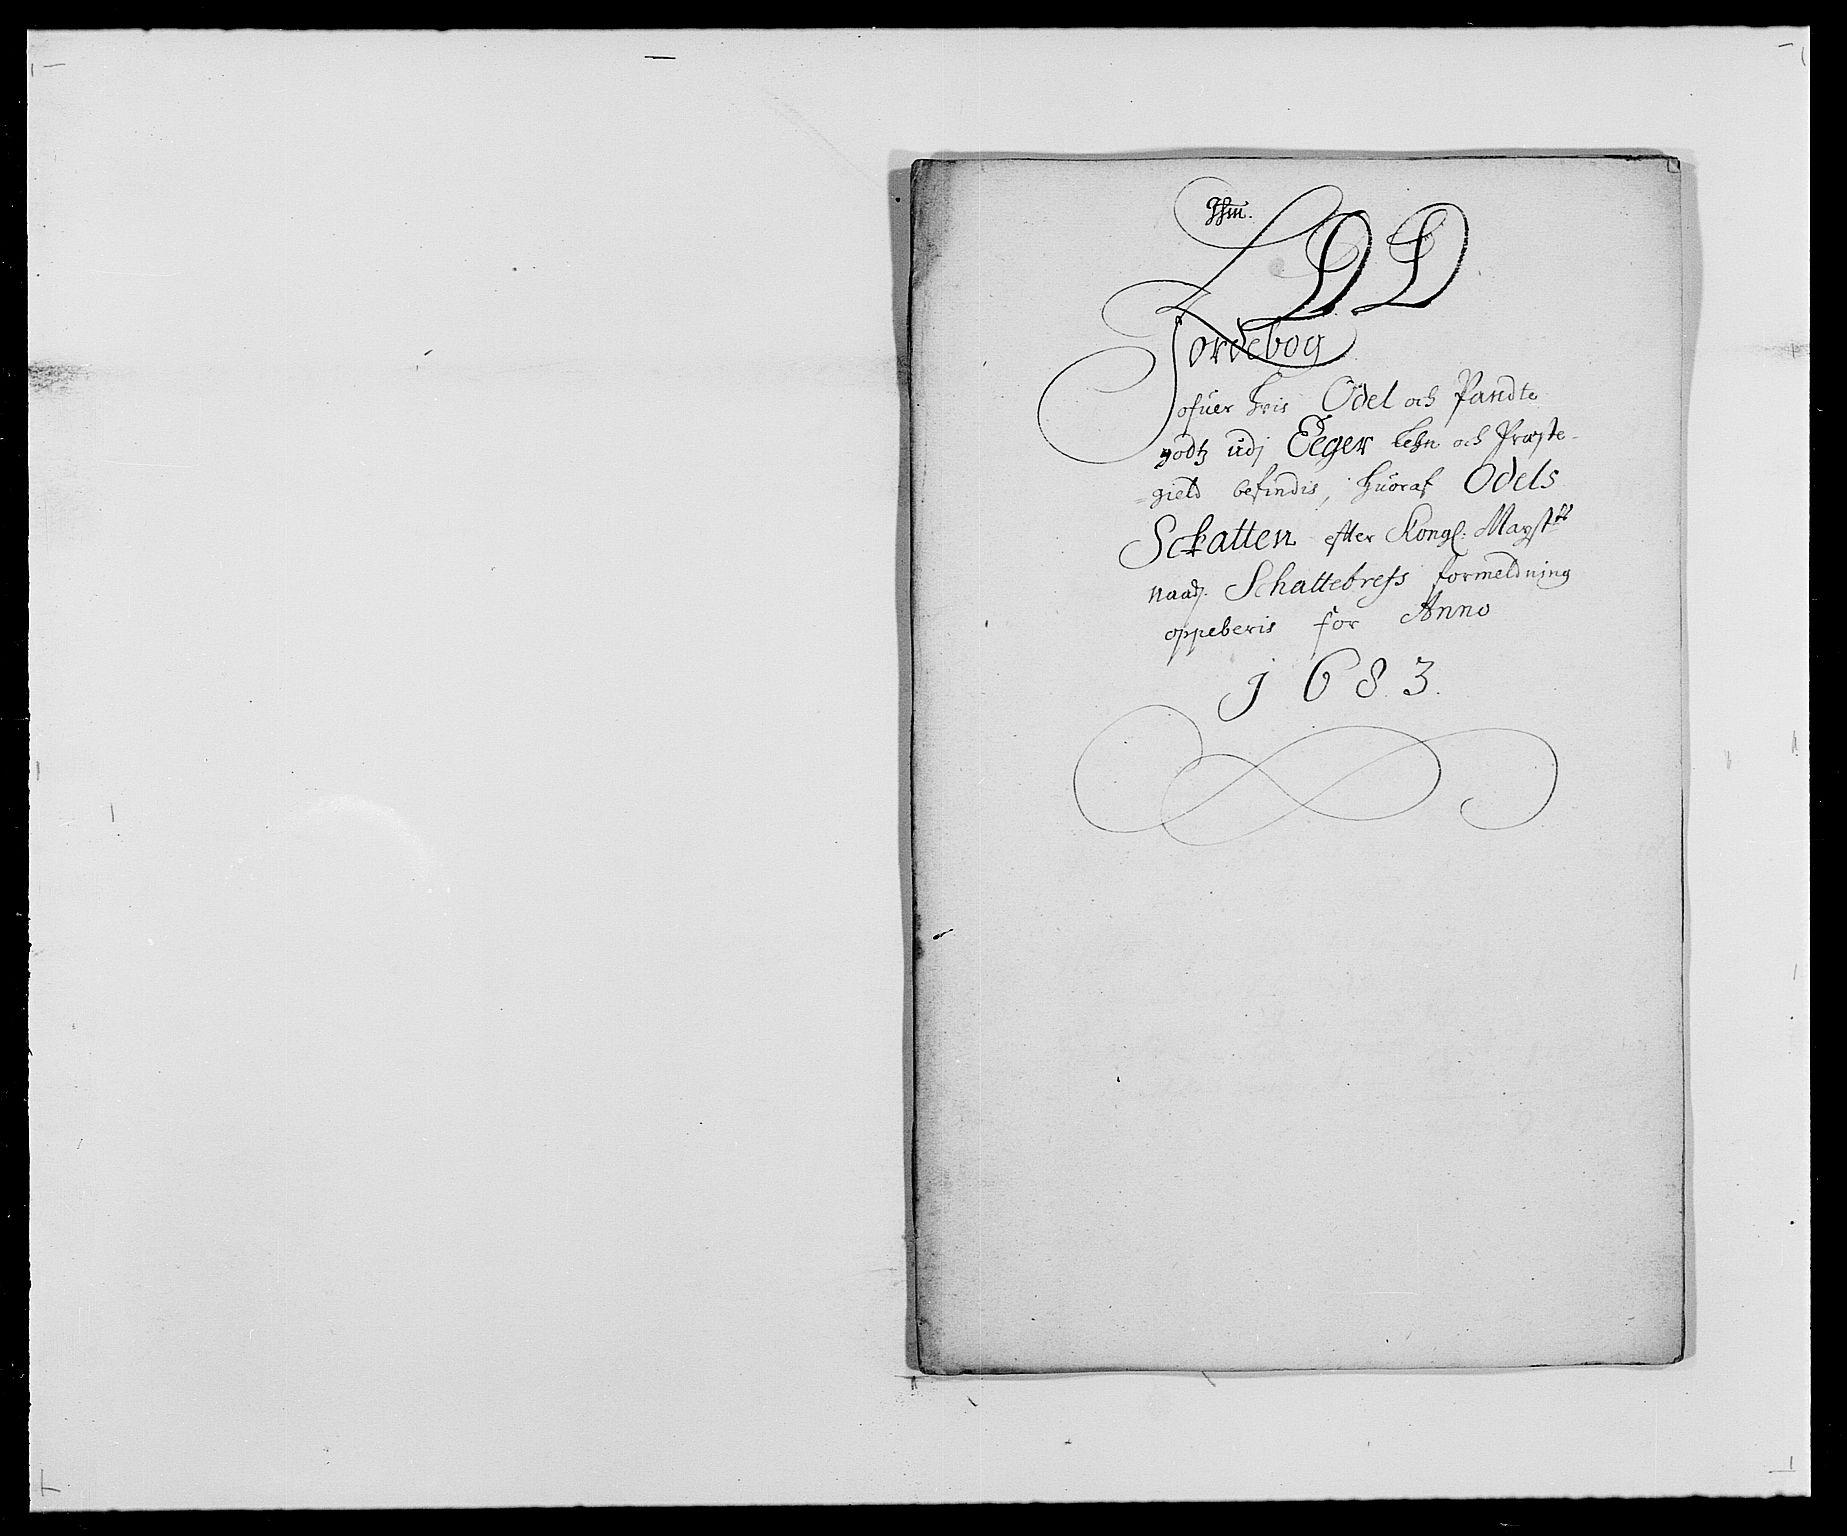 RA, Rentekammeret inntil 1814, Reviderte regnskaper, Fogderegnskap, R26/L1684: Fogderegnskap Eiker, 1679-1686, s. 374